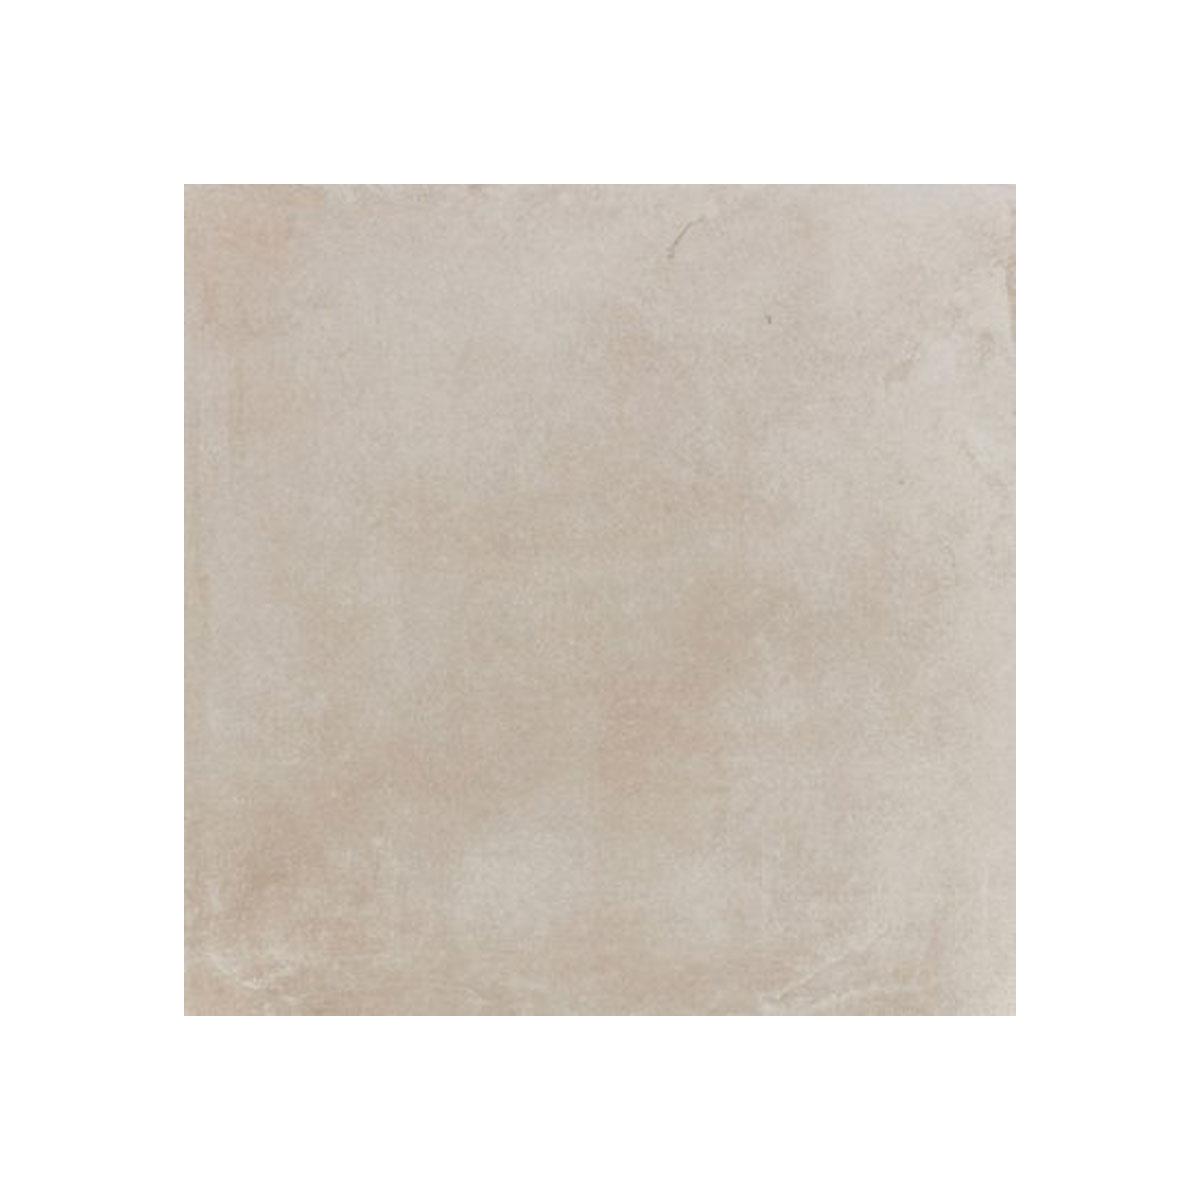 Basic Concrete - Beige - 600x600mm - Concrete Look Tiles - Stone3 Brisbane